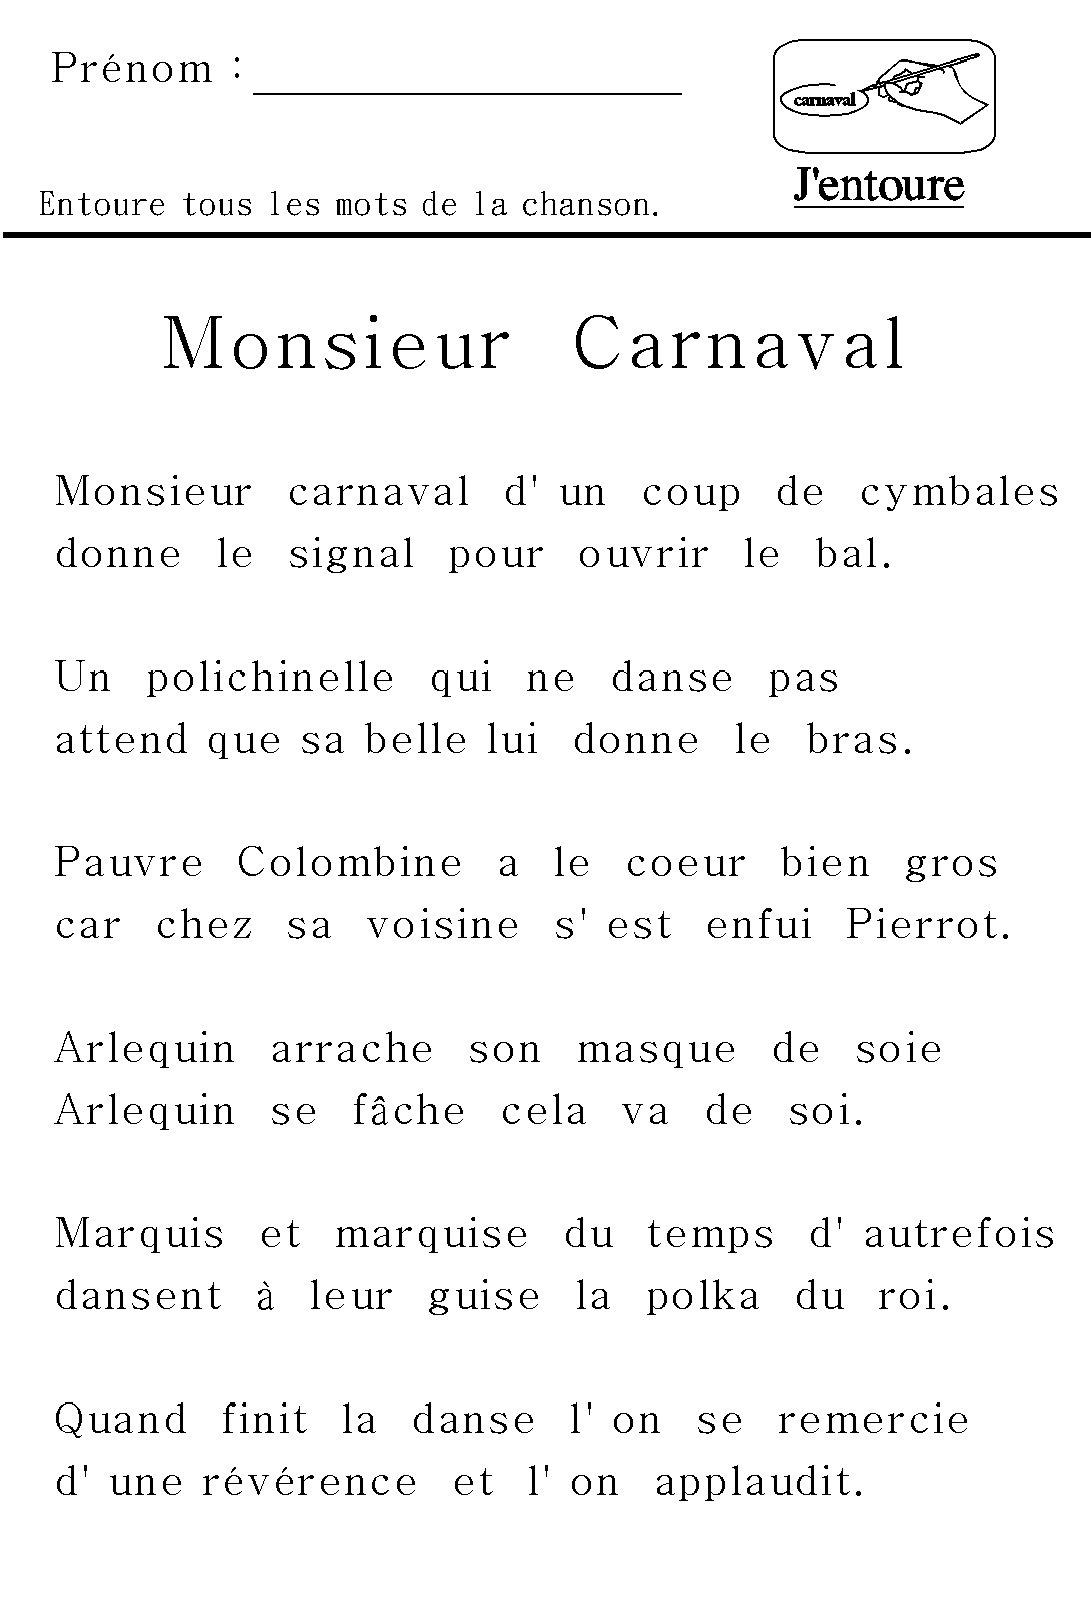 """Reconnaître un mot dans un texte : chanson """"Monsieur Carnaval"""""""